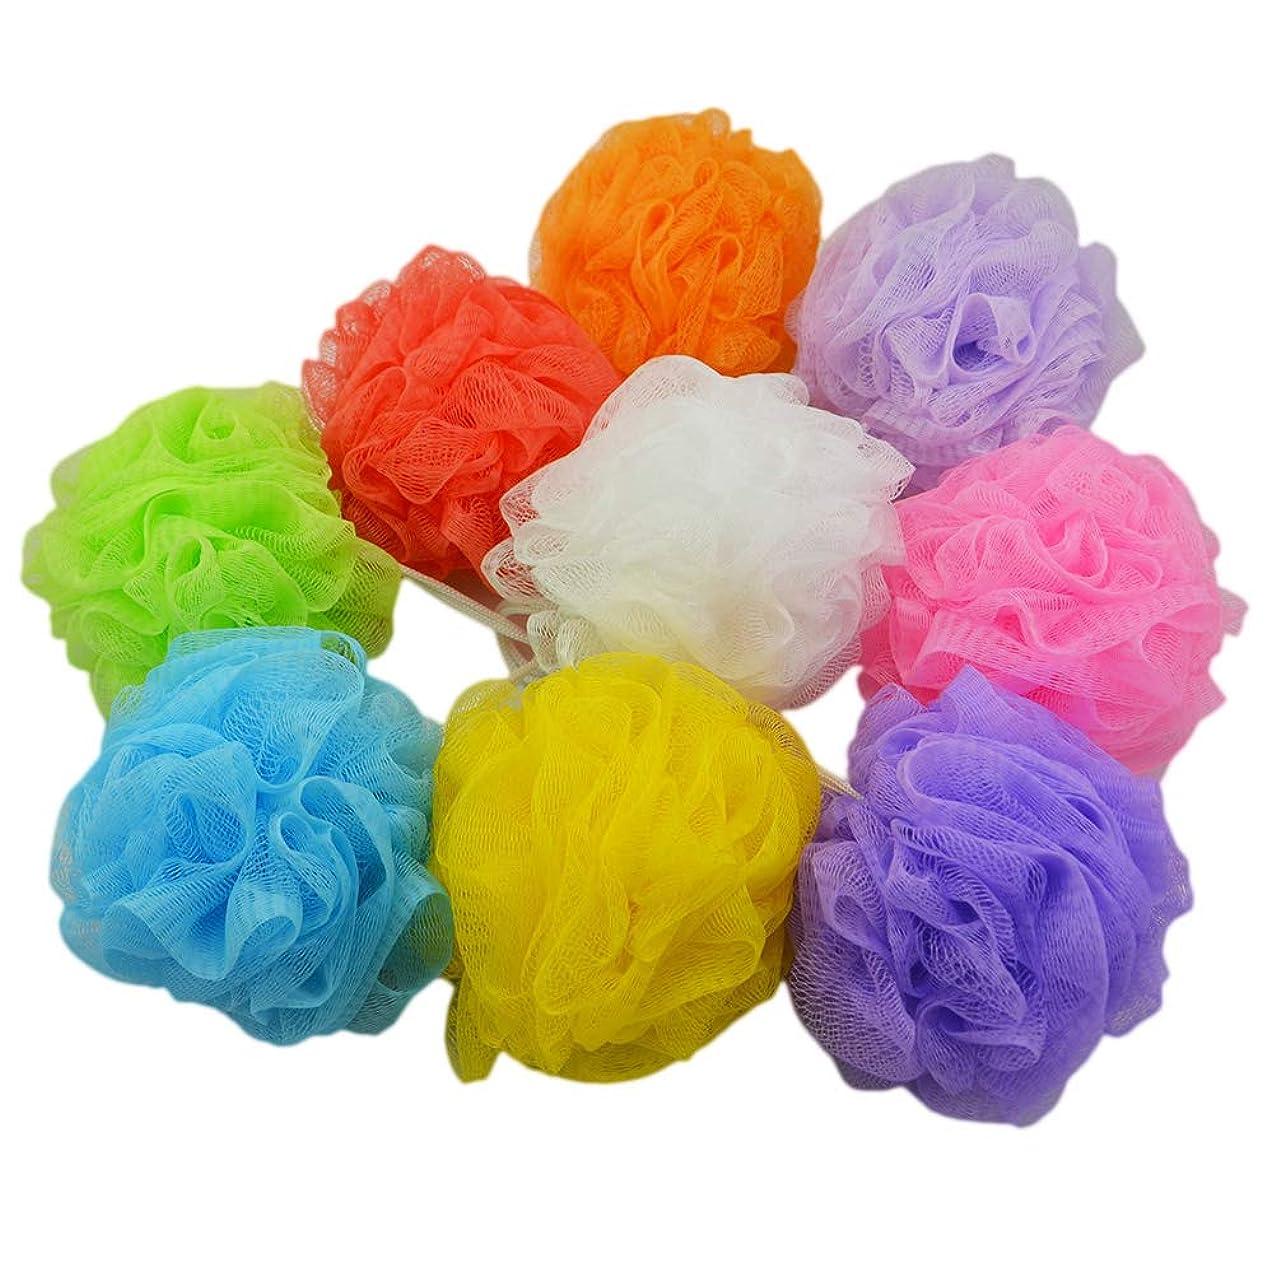 解き明かす振り返るまともなLurrose 8個シャワーボールシャワーパフ風呂用スポンジシャワー用スポンジメッシュスポンジばら吊りロープ付き(混色)